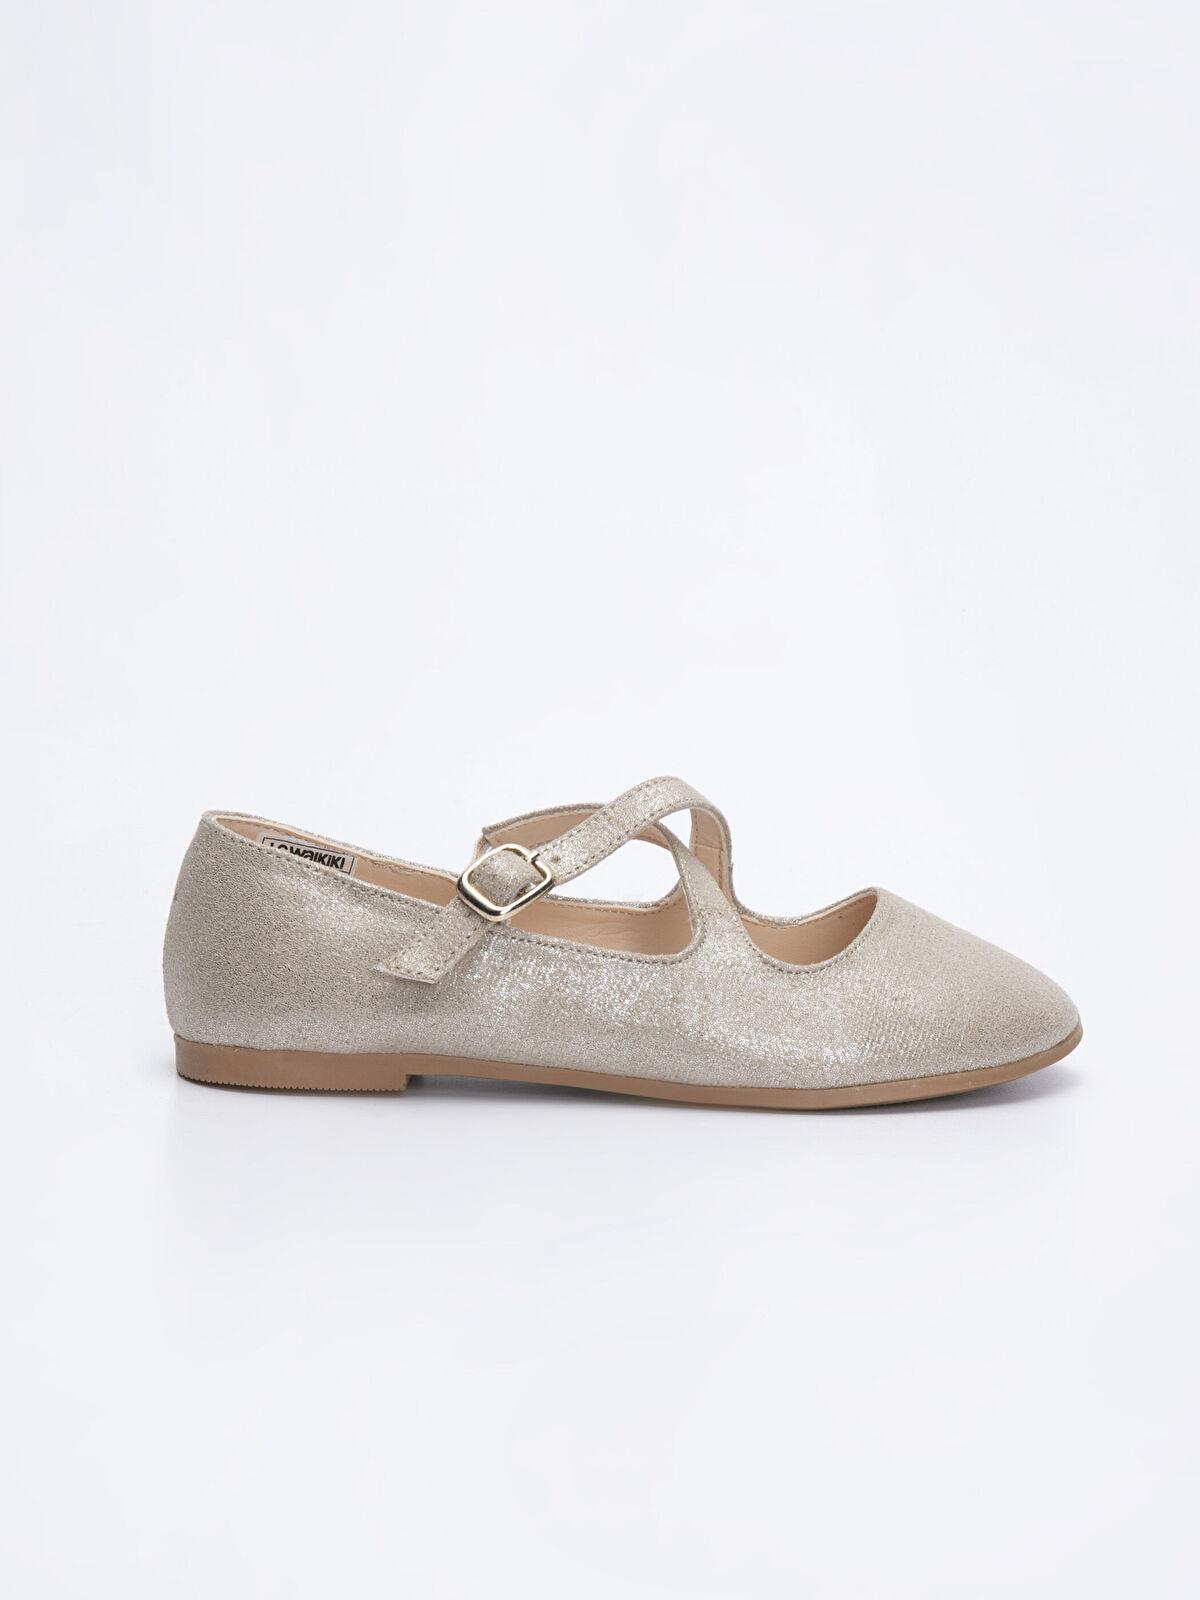 Kız Çocuk Çapraz Bantlı Babet Ayakkabı - LC WAIKIKI